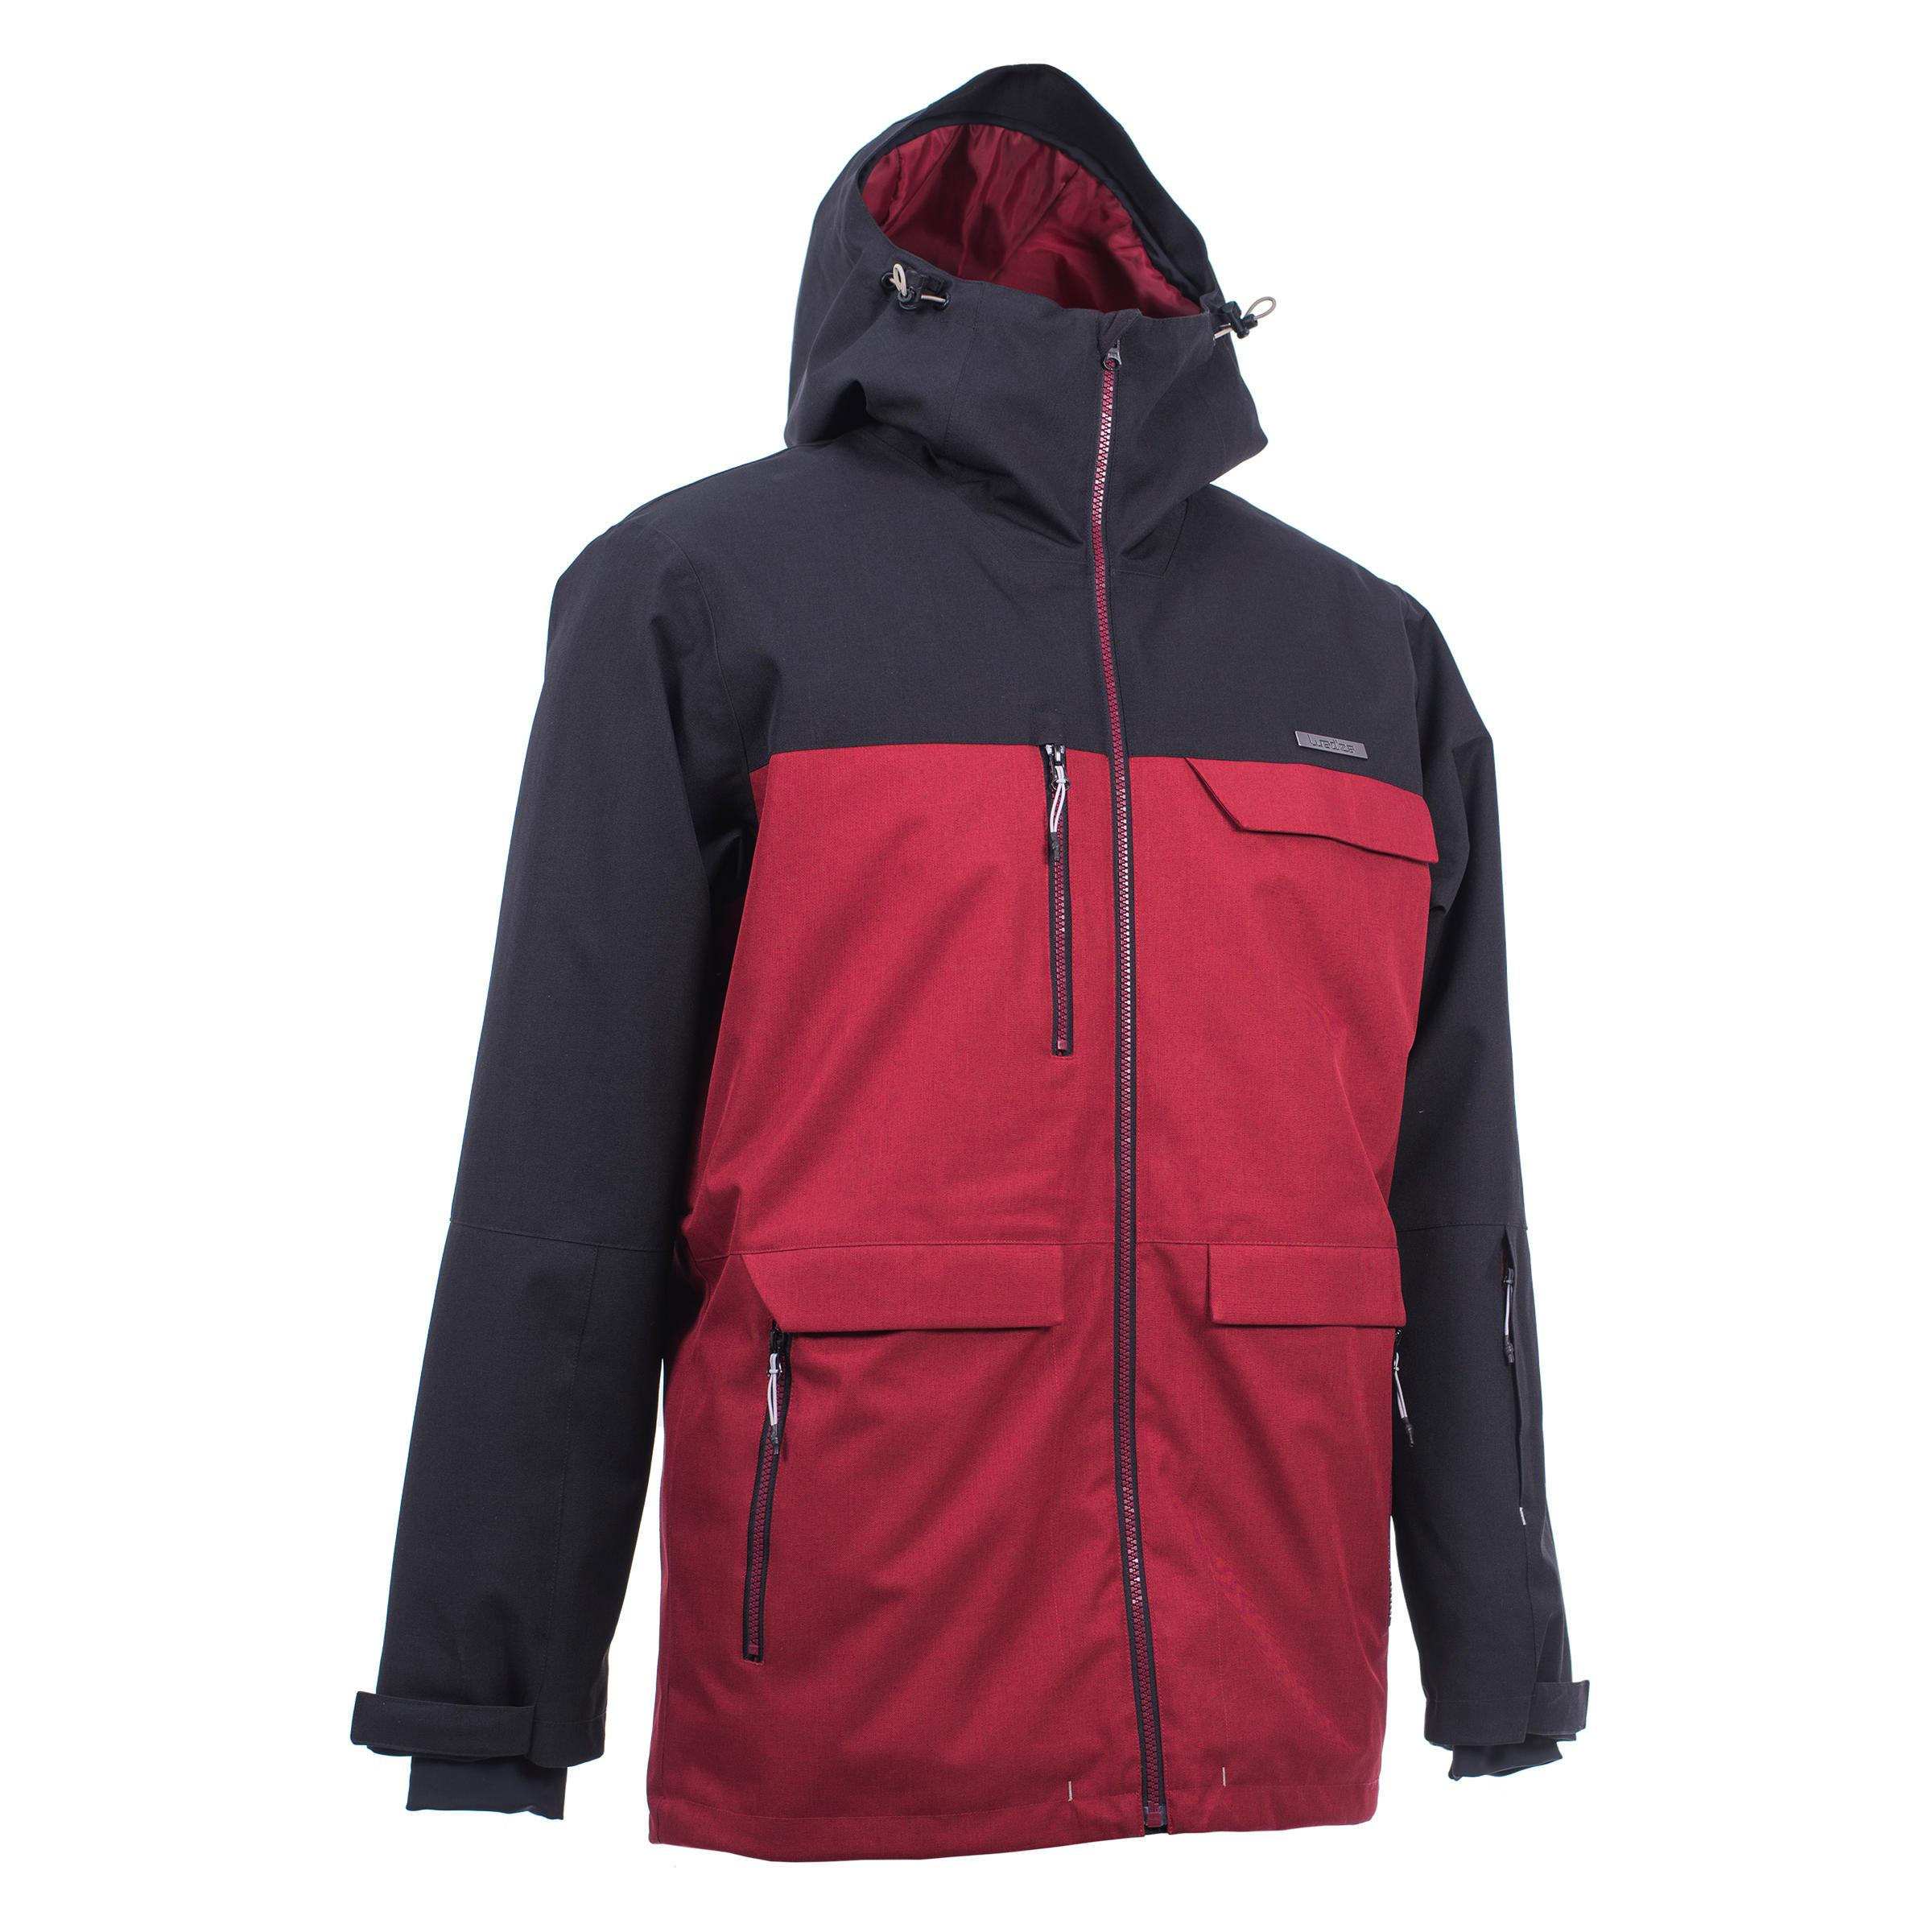 Manteau de planche à neige et de ski homme SNB JKT 500 bordeaux et noir